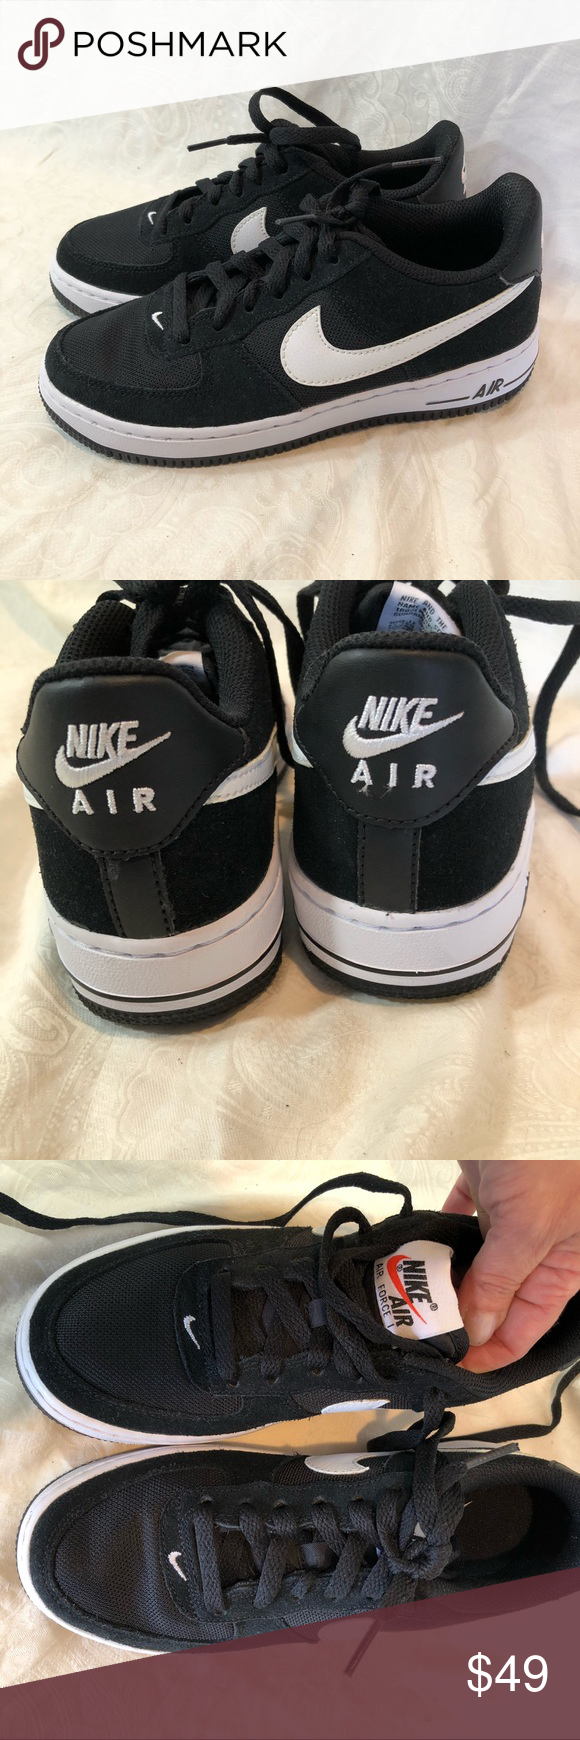 Boy's Air Force 1 low basketball sneakers 3.5Y Sneakers